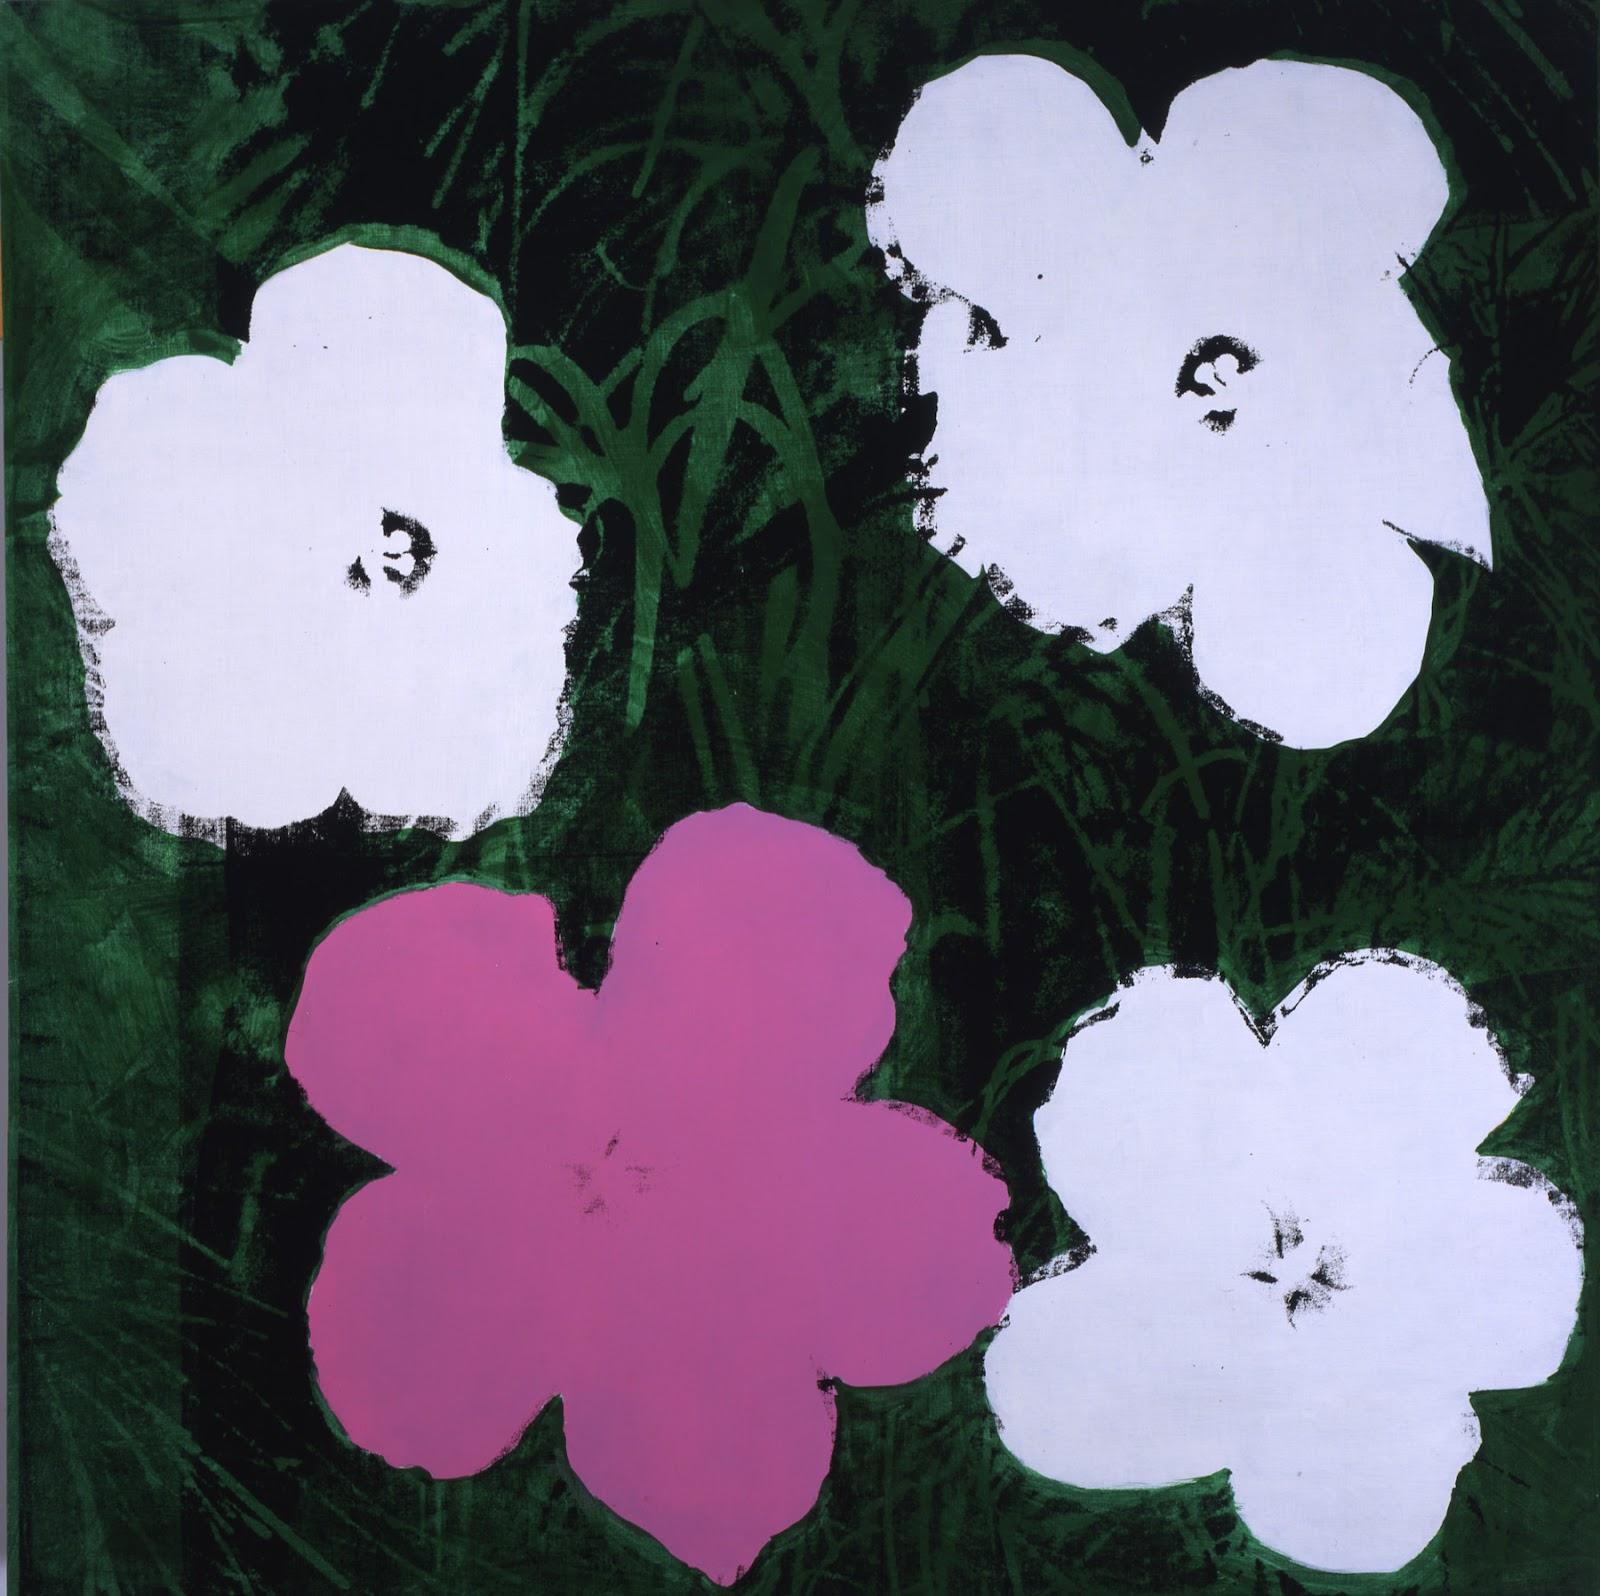 http://4.bp.blogspot.com/-xUiGBlV_FFY/UBT6a1vyewI/AAAAAAAAASw/tEL41u68Ew4/s1600/2_Andy_Warhol_Flowers_1964_300dpi.jpg